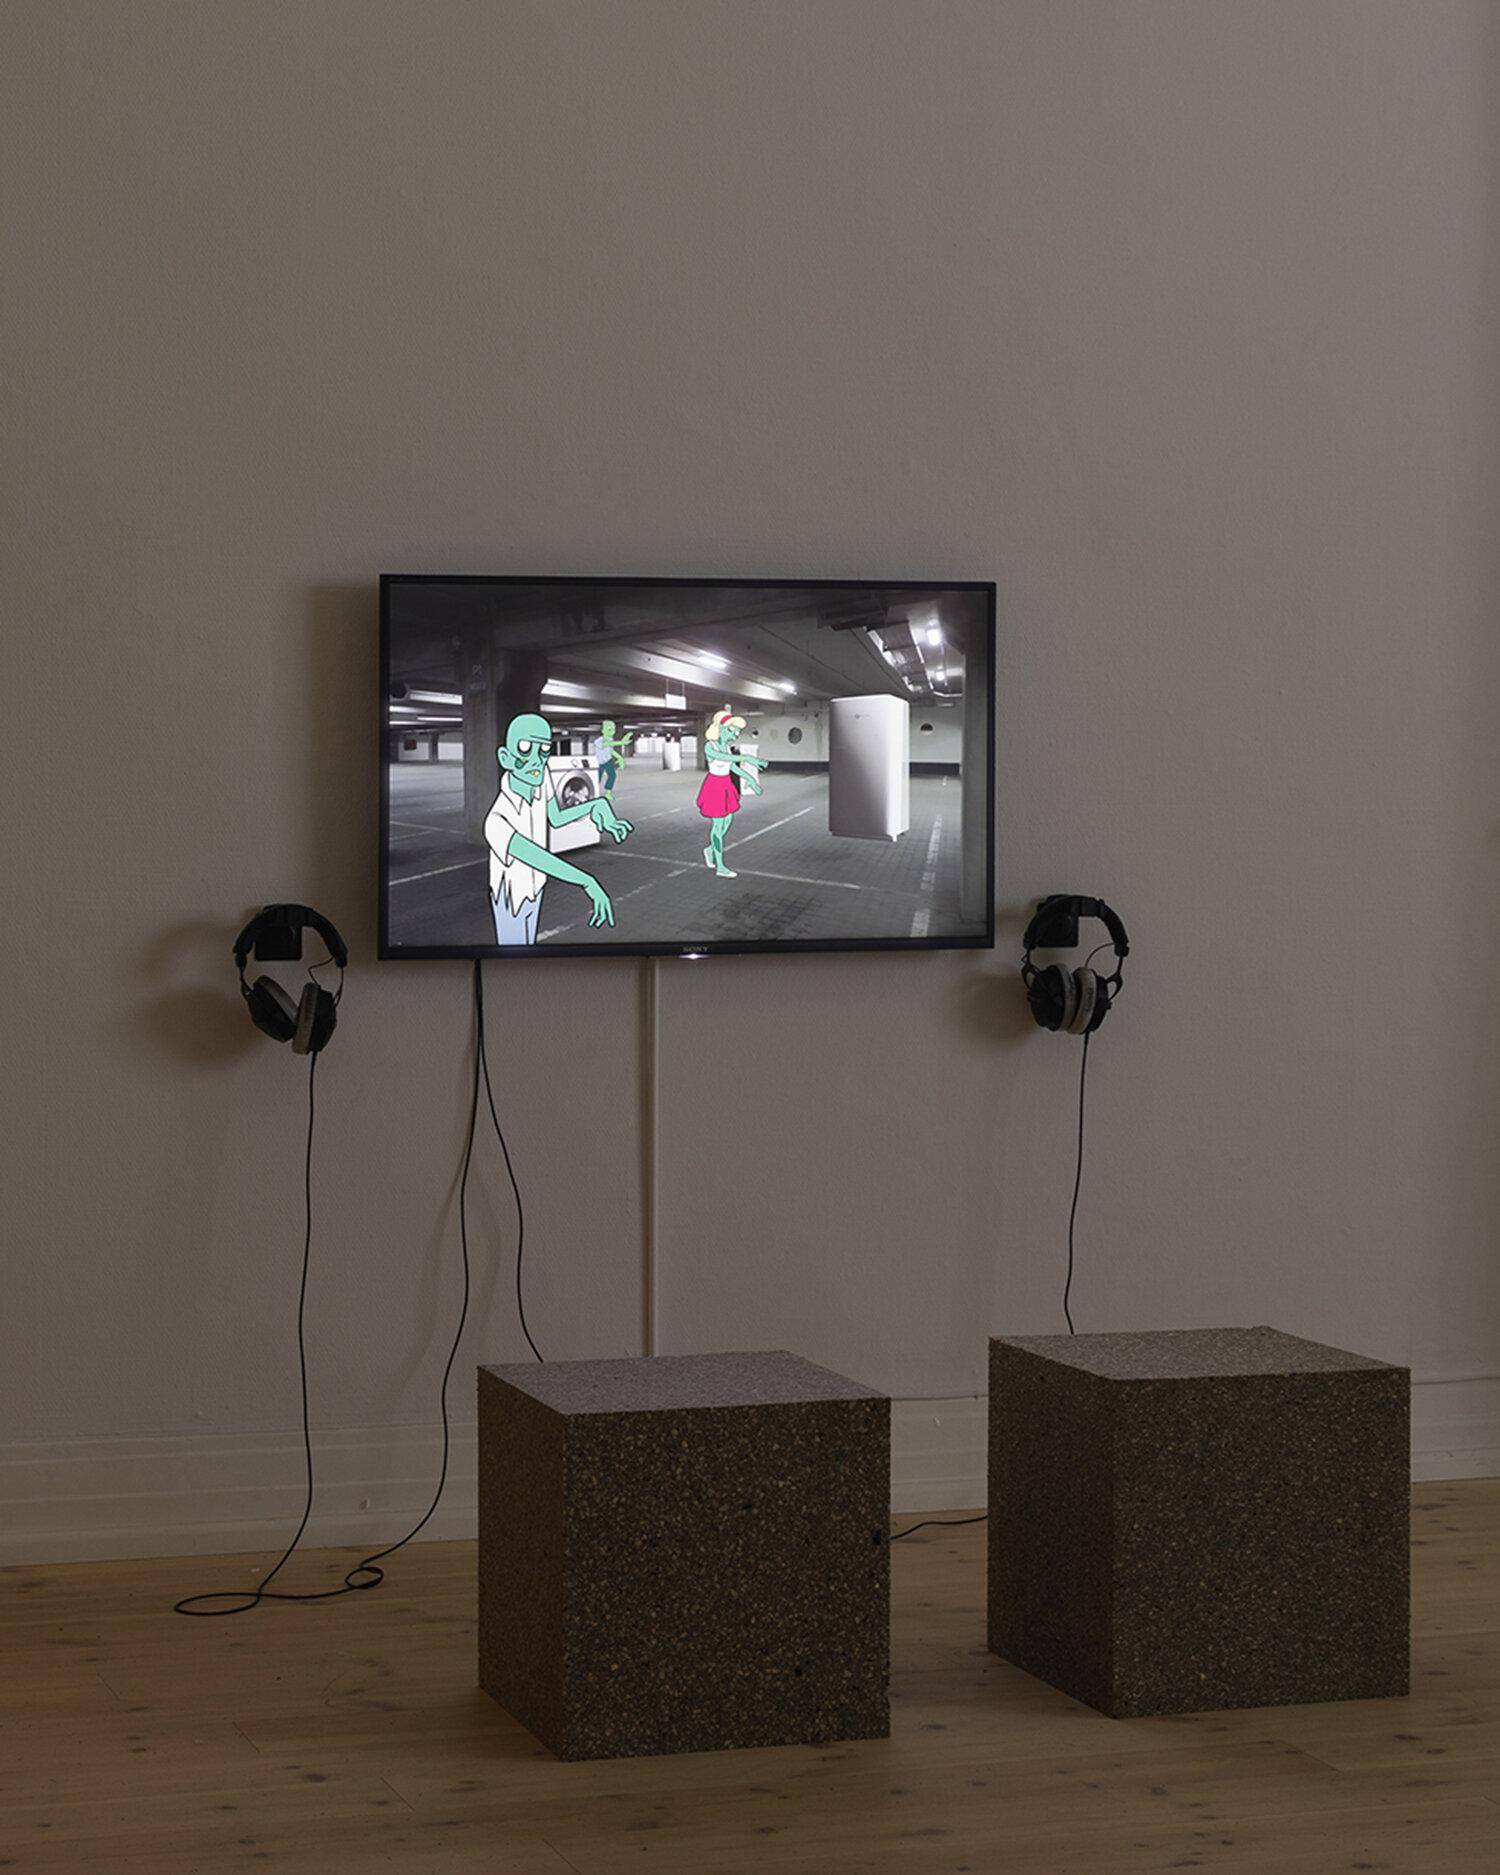 Piscine (Jens Settergren, Mark Tholander & Anna Ørberg), OS (2019). Installation view, Kunsthal Aarhus. Foto: Mikkel Kaldal.